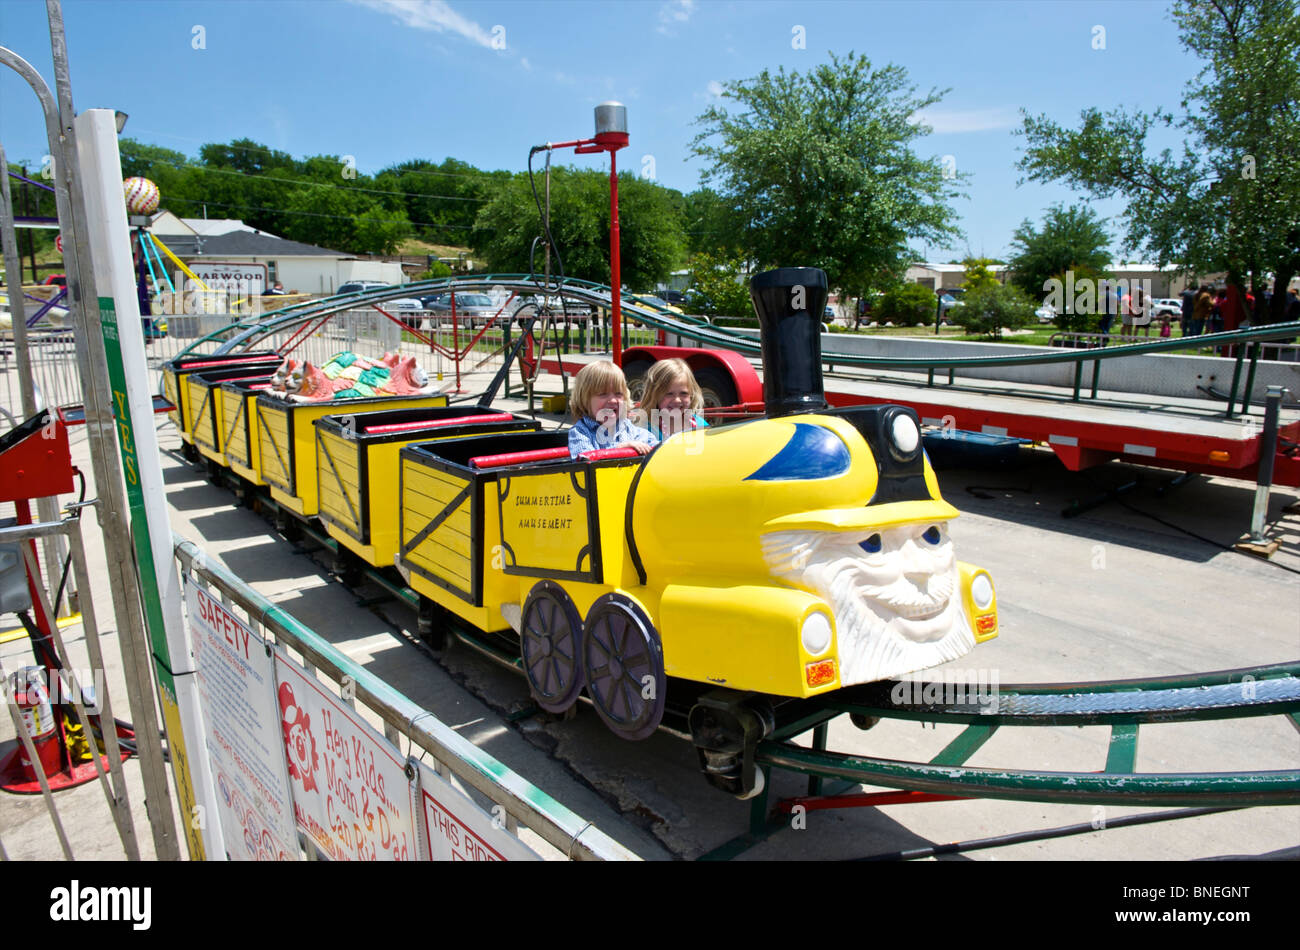 Les enfants s'amusant dans une petite ville de fête foraine dans le Texas, USA Banque D'Images